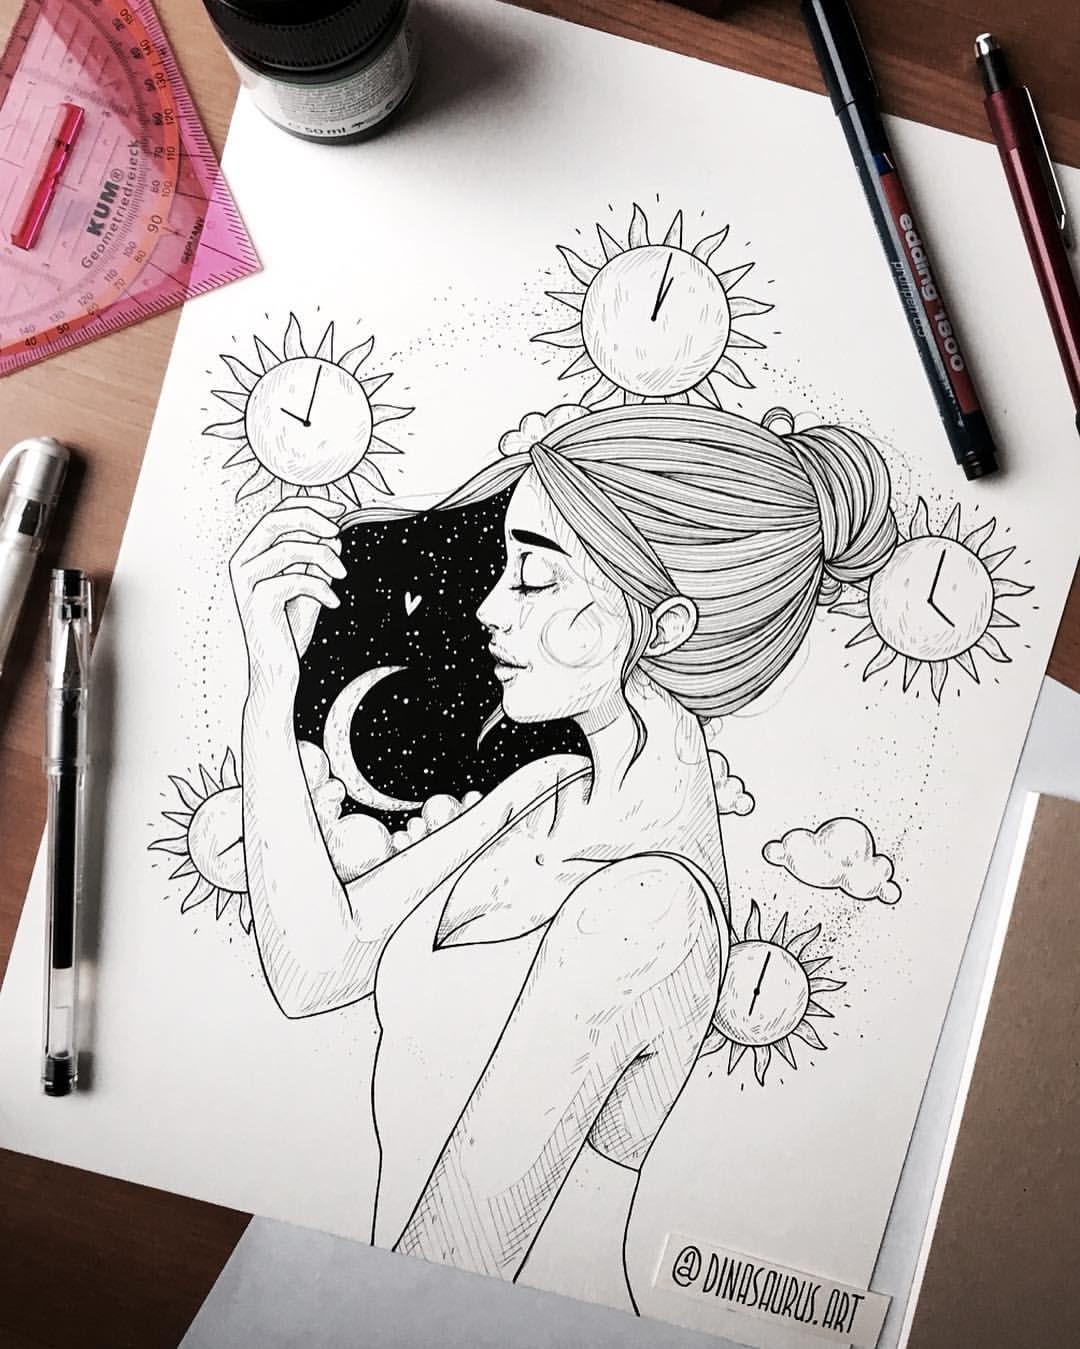 Dina Artist Dinasaurus Art Instagram Photos And